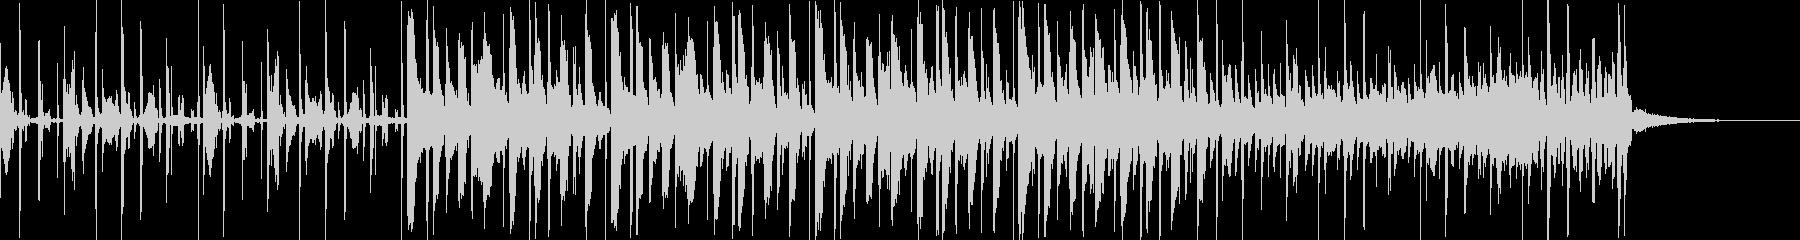 KANT無機質ジングル2006083の未再生の波形